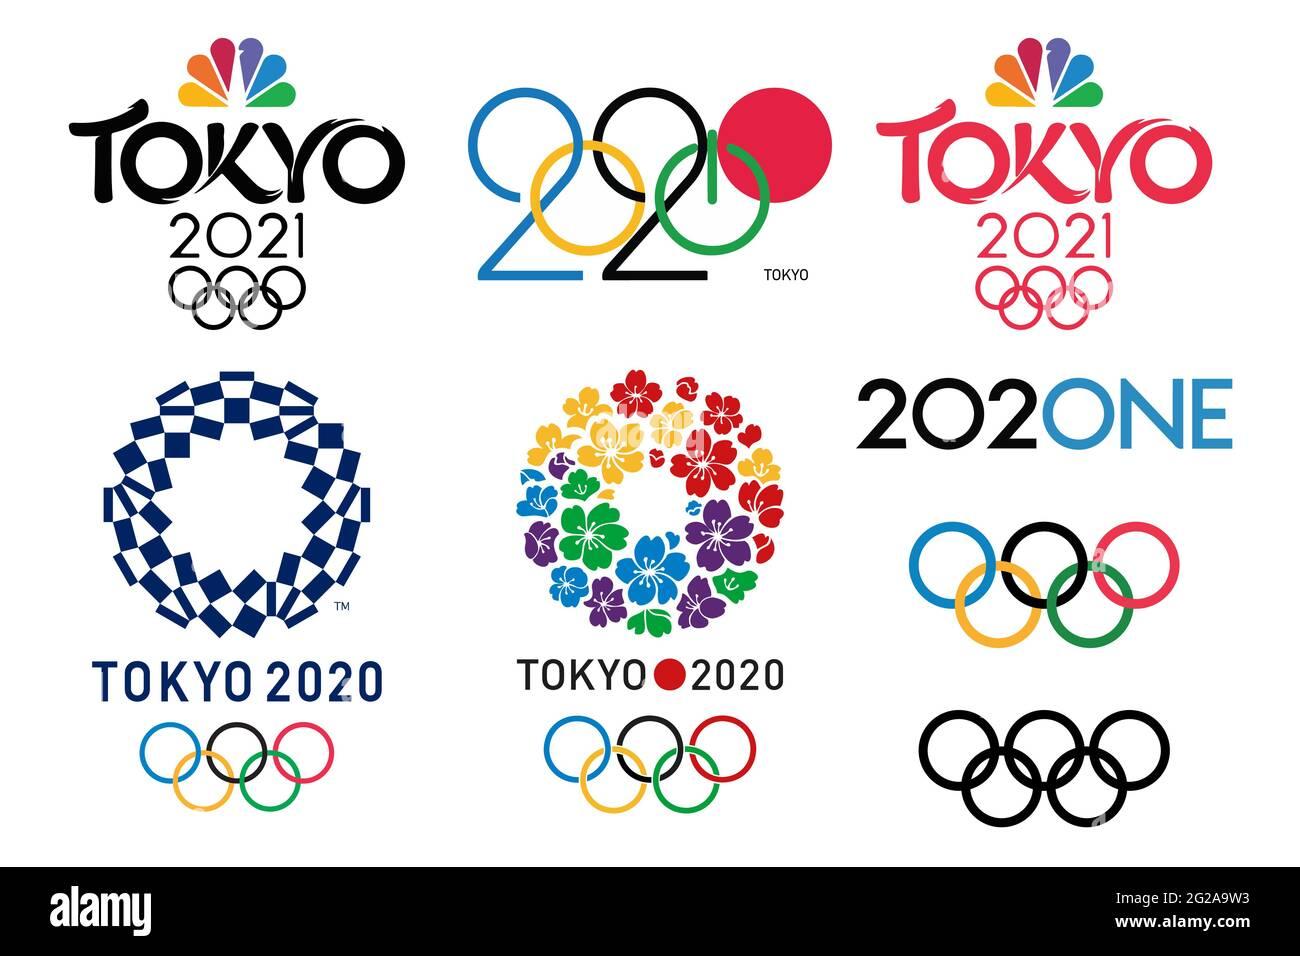 Tokio Olympische Spiele Stock Vektorgrafiken Kaufen Alamy